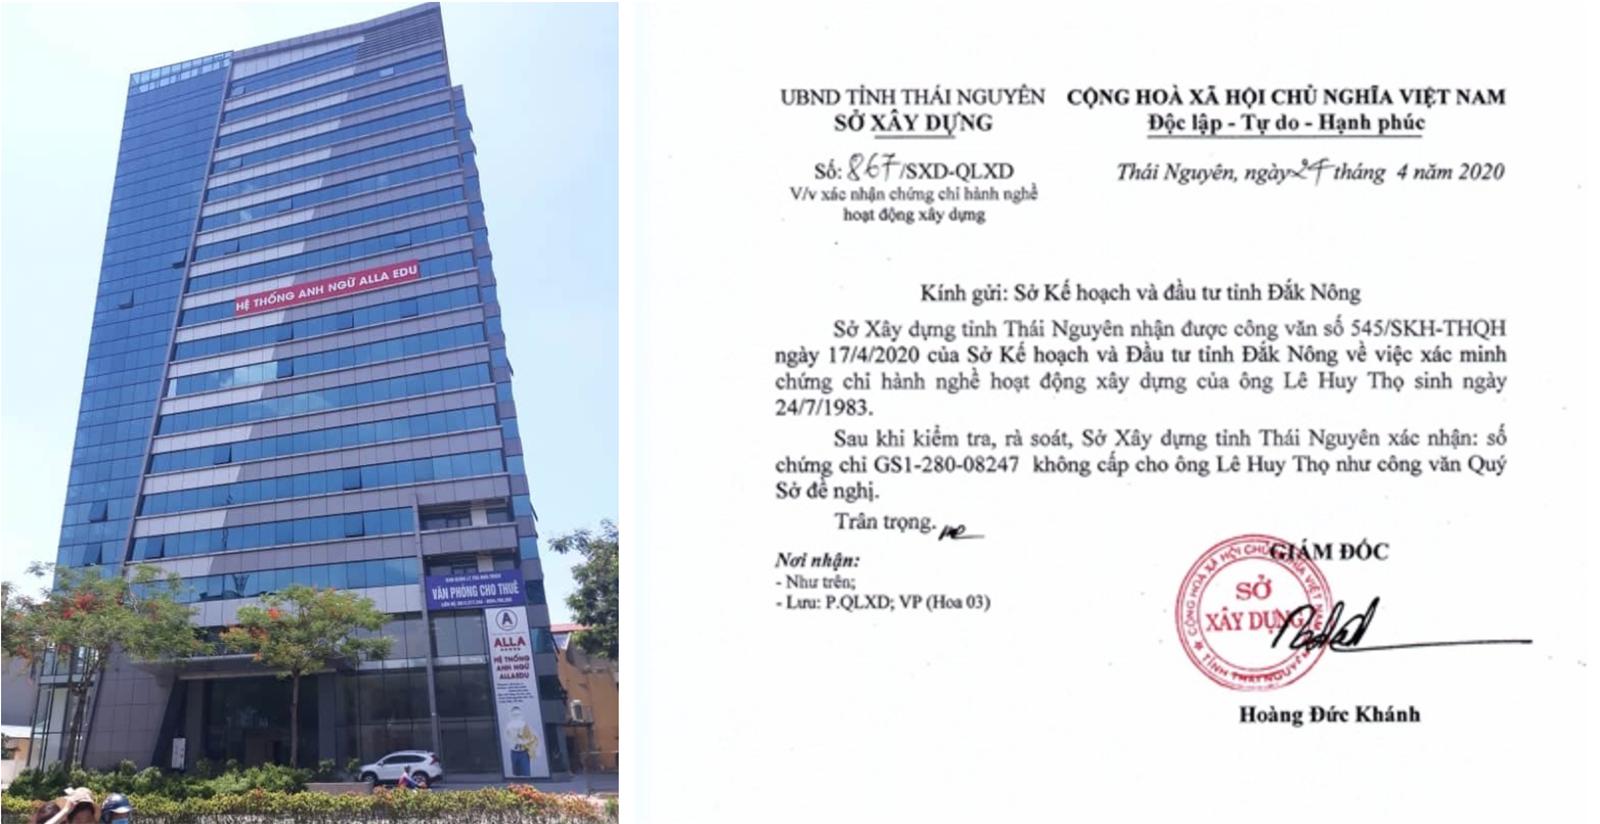 Công ty Trico1 im lặng bất thường trước vụ việc giả mạo hồ sơ dự thầu